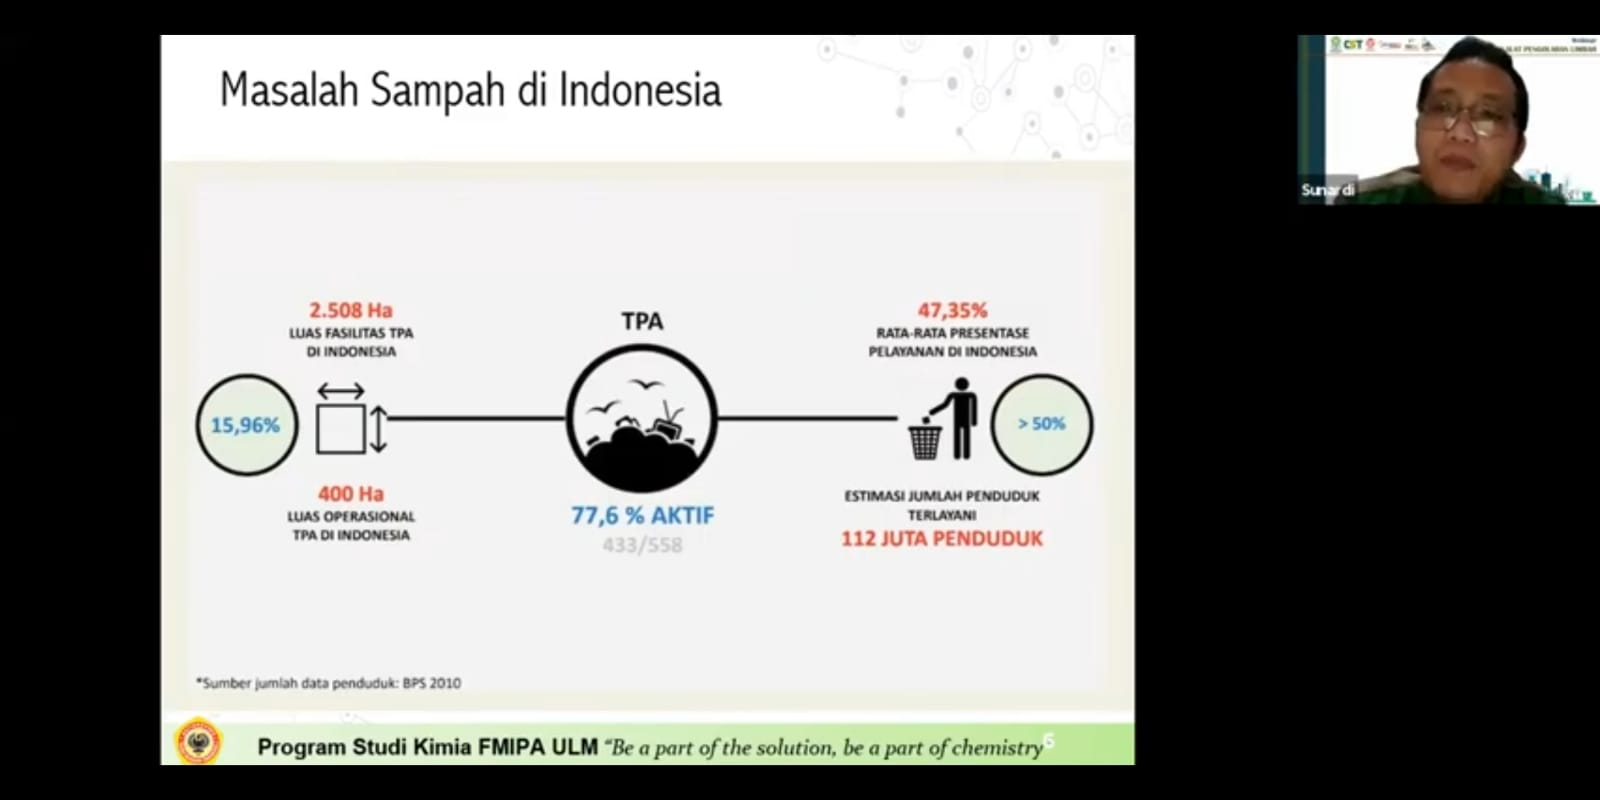 atasi masalah sampah di Indonesia